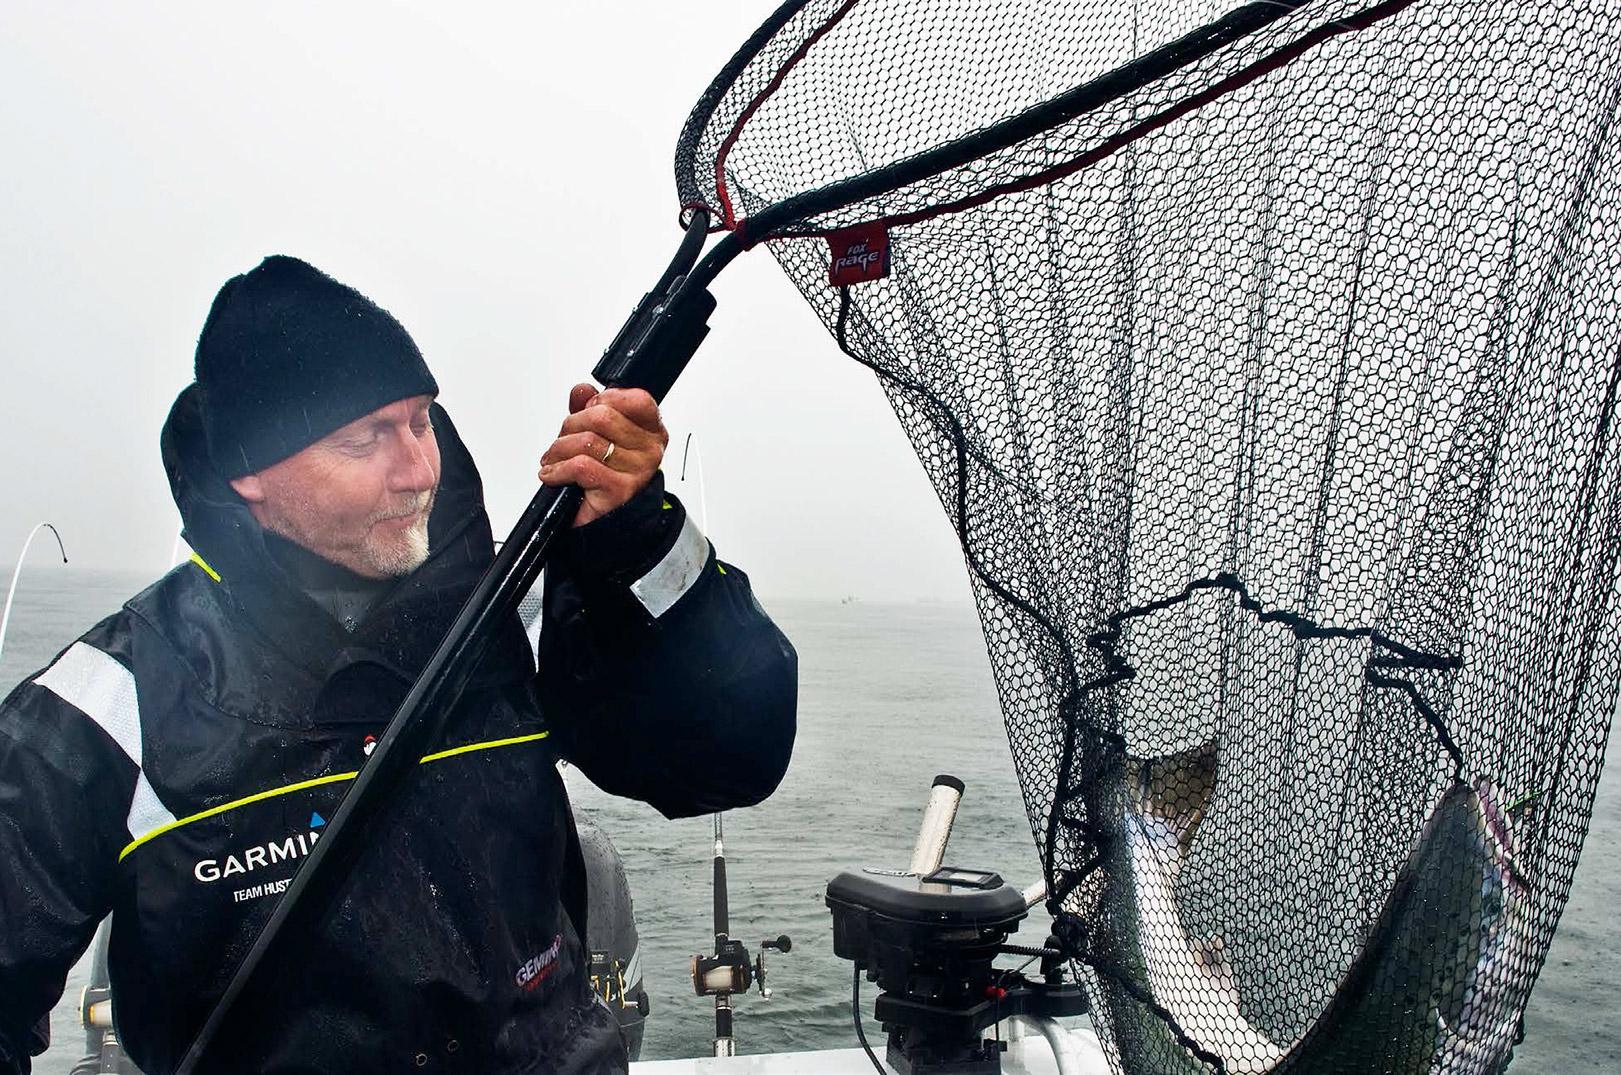 Endnu en flot laks til Hustleren, der som mange andre trollingfiskere i vinterhalvåret bruger tørdragt.